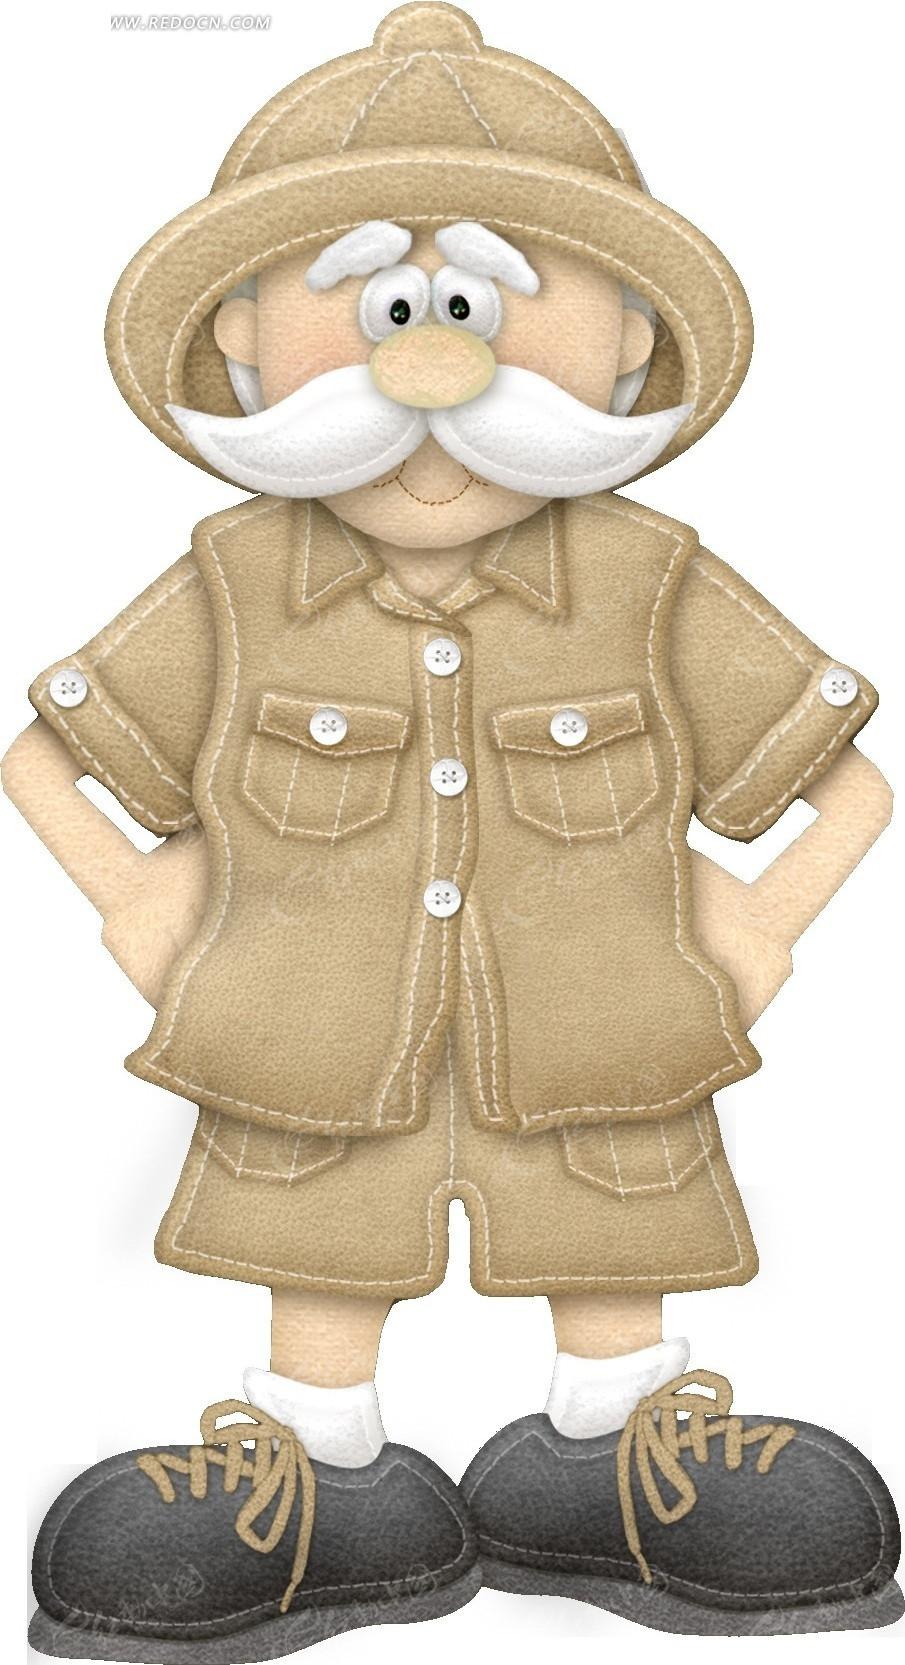 免费素材 psd素材 psd分层素材 动物 布艺贴布卡通可爱探险老爷爷  请